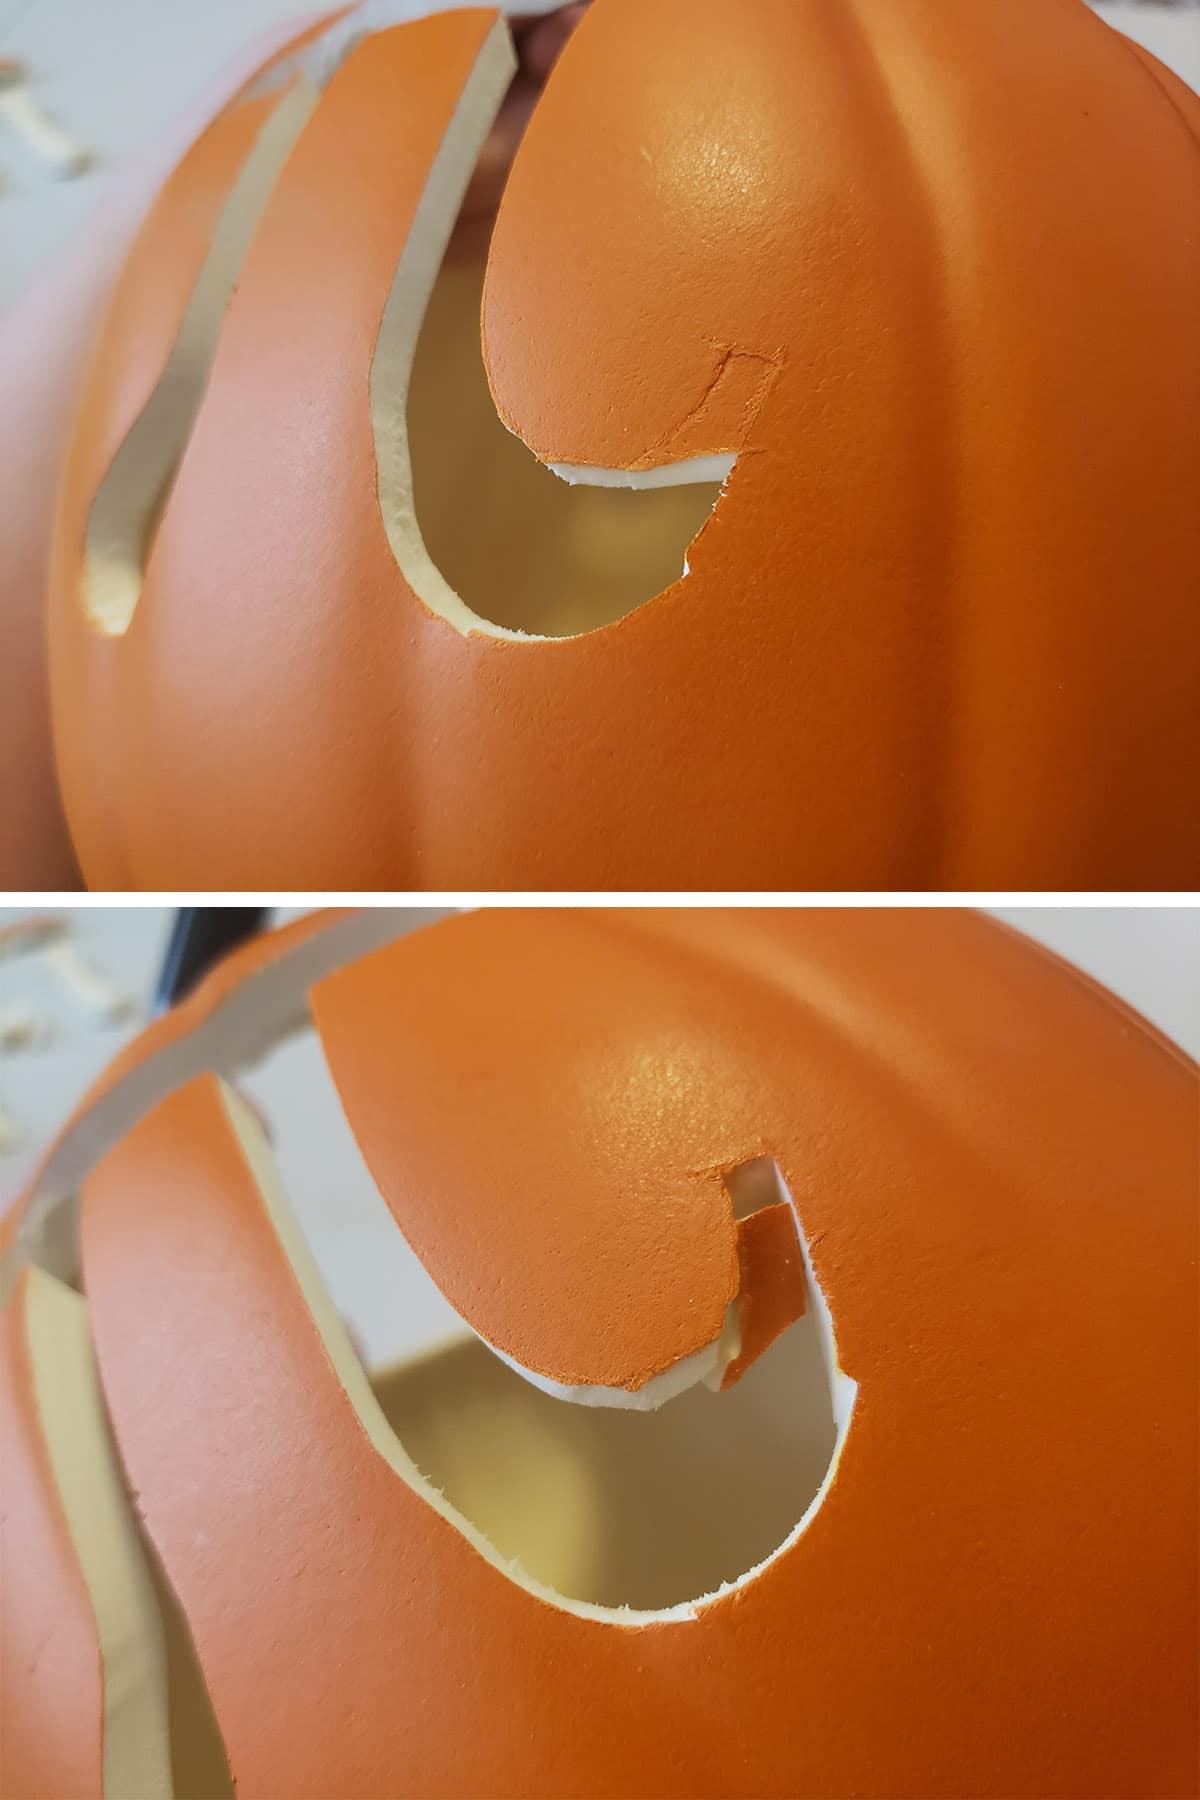 The pi symbol being cut out of a foam pumpkin.